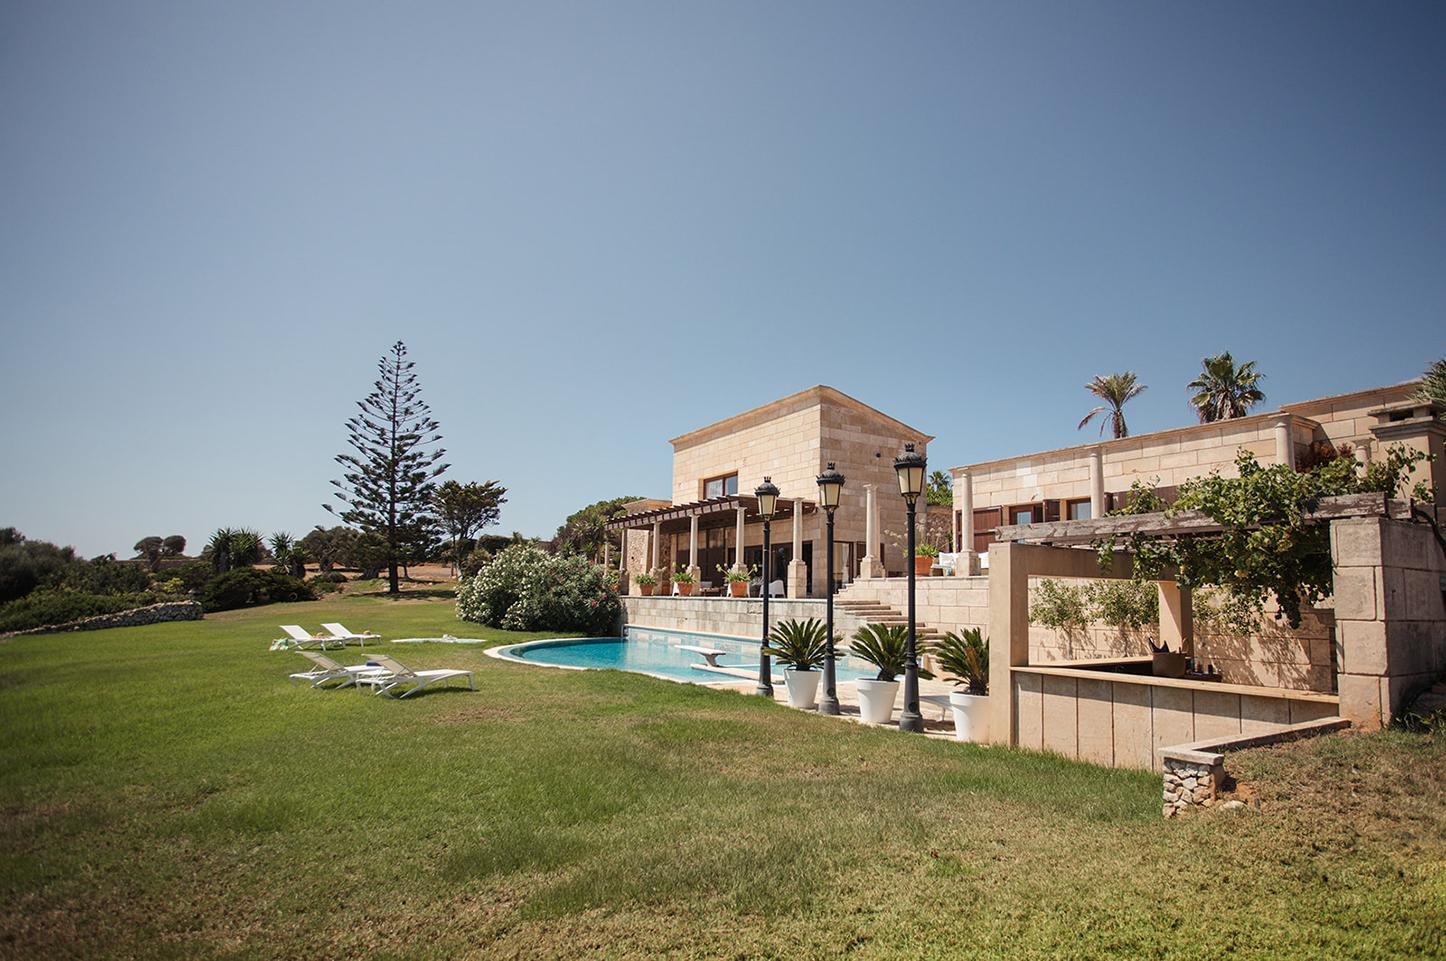 Villa exclusive et isolée au sommet d'une falaise à Minorque avec personnel et vue sur la mer